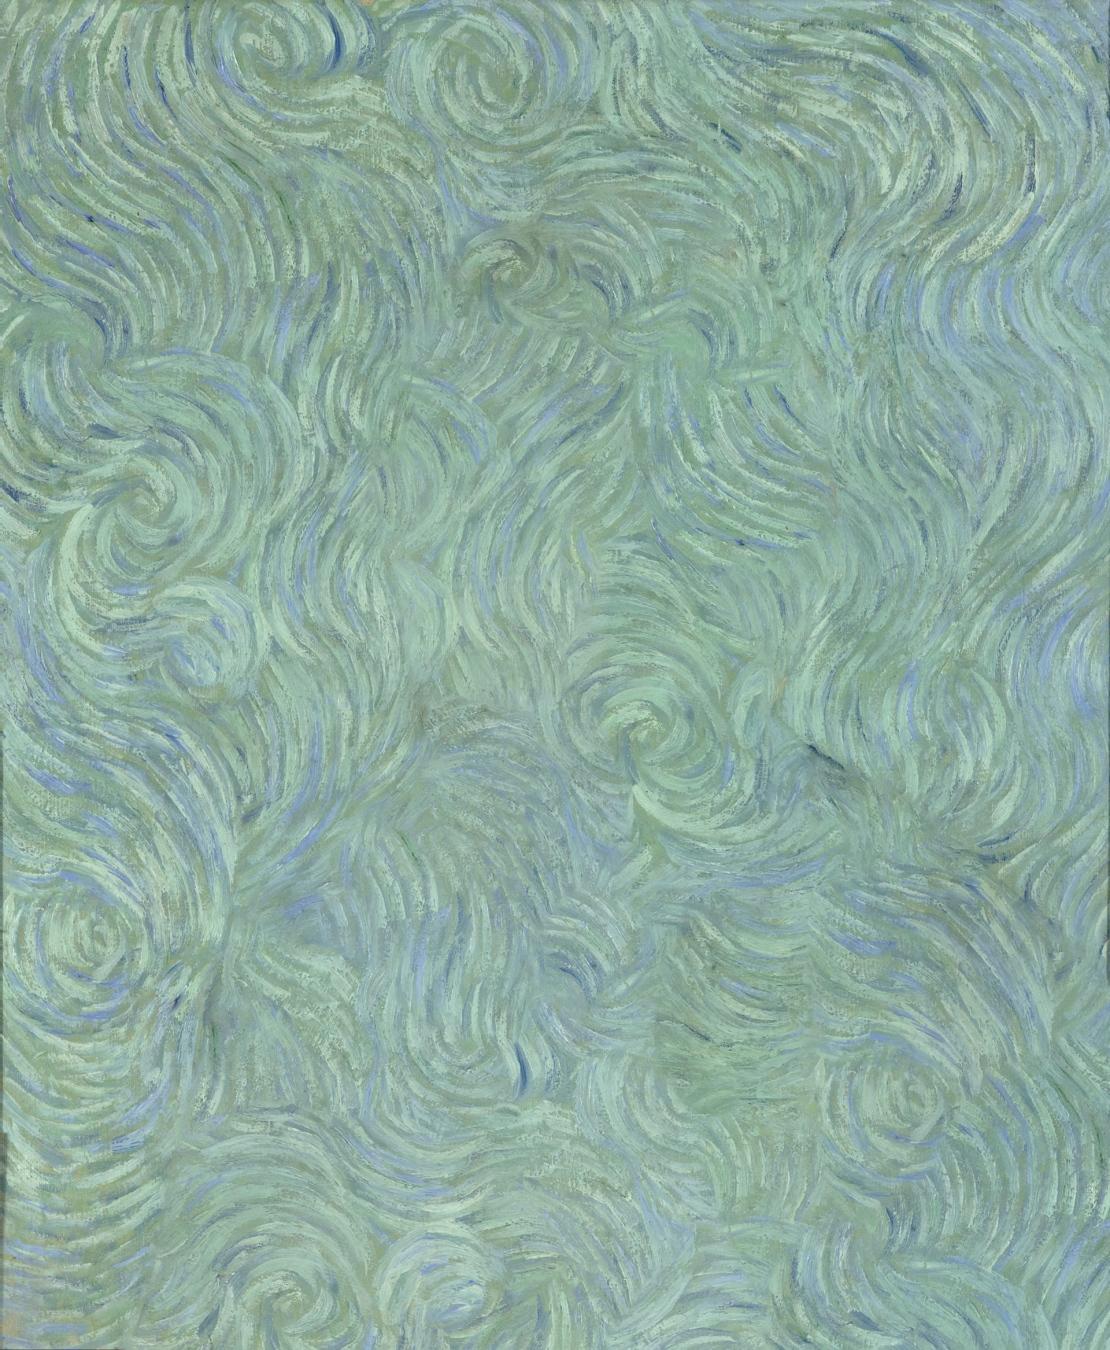 """""""Autorretrato"""" de Vincent Van Gogh - TIENDA - Tienda David Bokeh"""